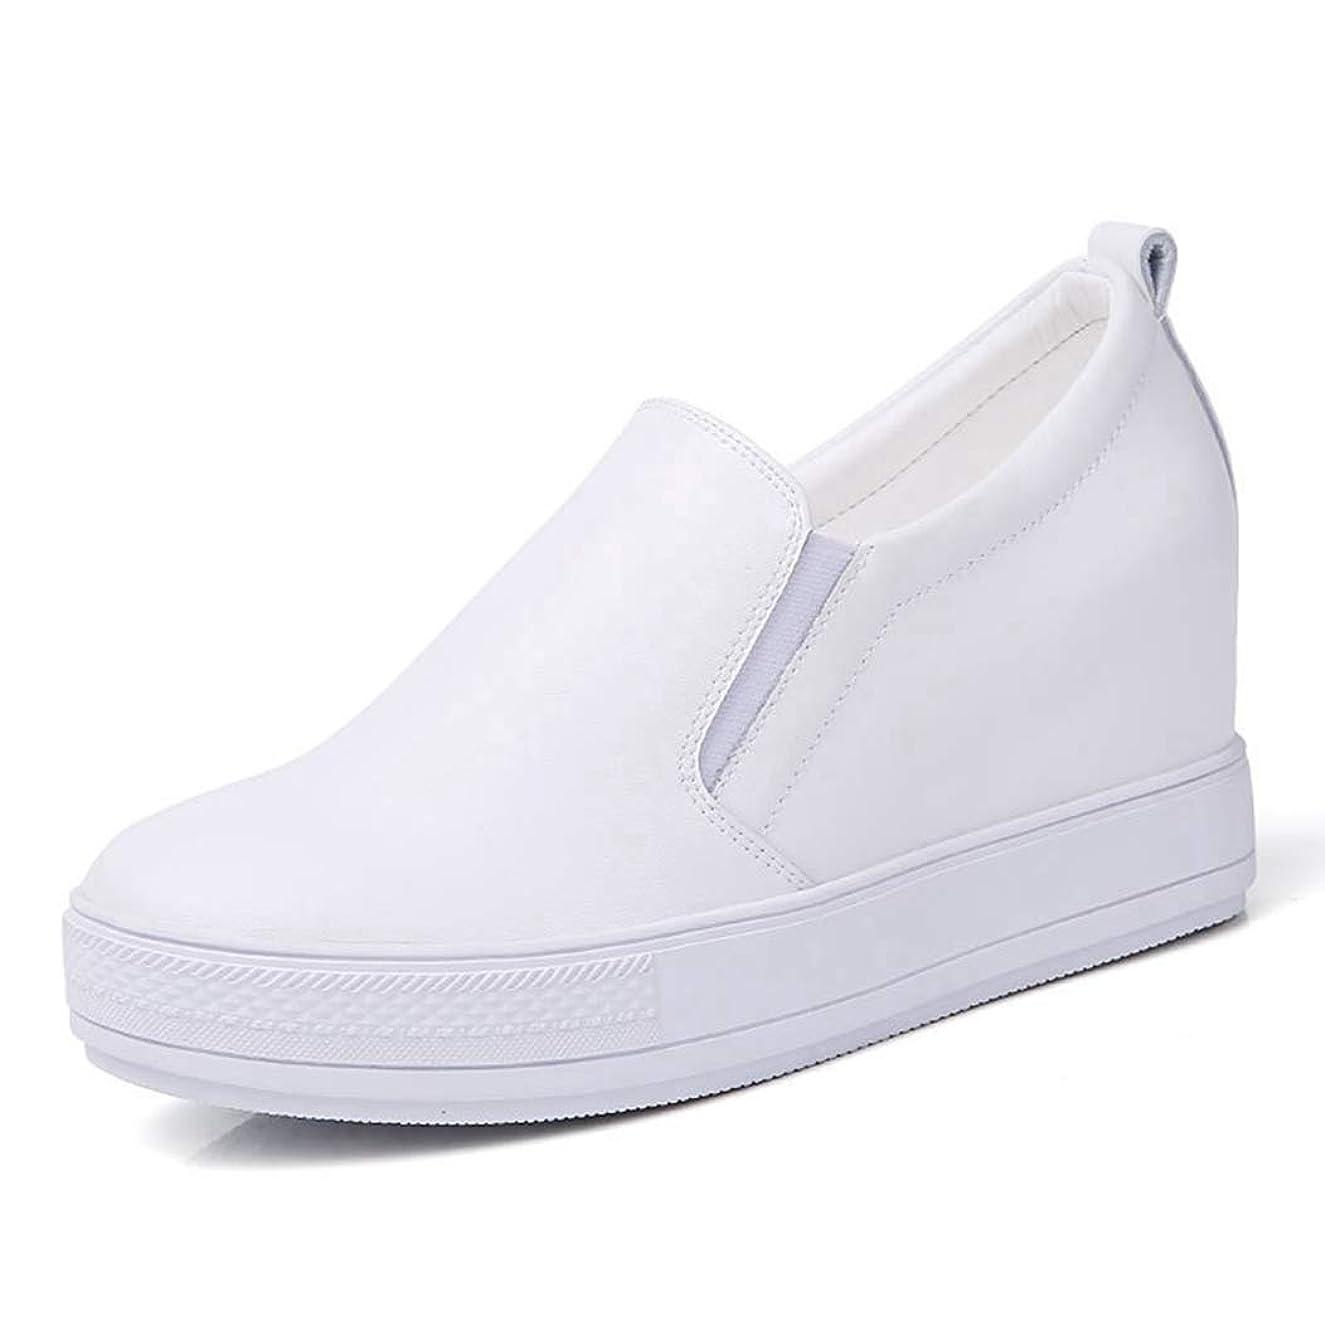 土器魅惑的な敬な[WOOYOO] スニーカー 厚底 レディース スリッポン レザー カジュアルシューズ 靴 インヒール 6.5cmアップ 防滑 大きいサイズ 無地 春秋 軽量 歩きやすい ブラック/ホワイト 疲れない